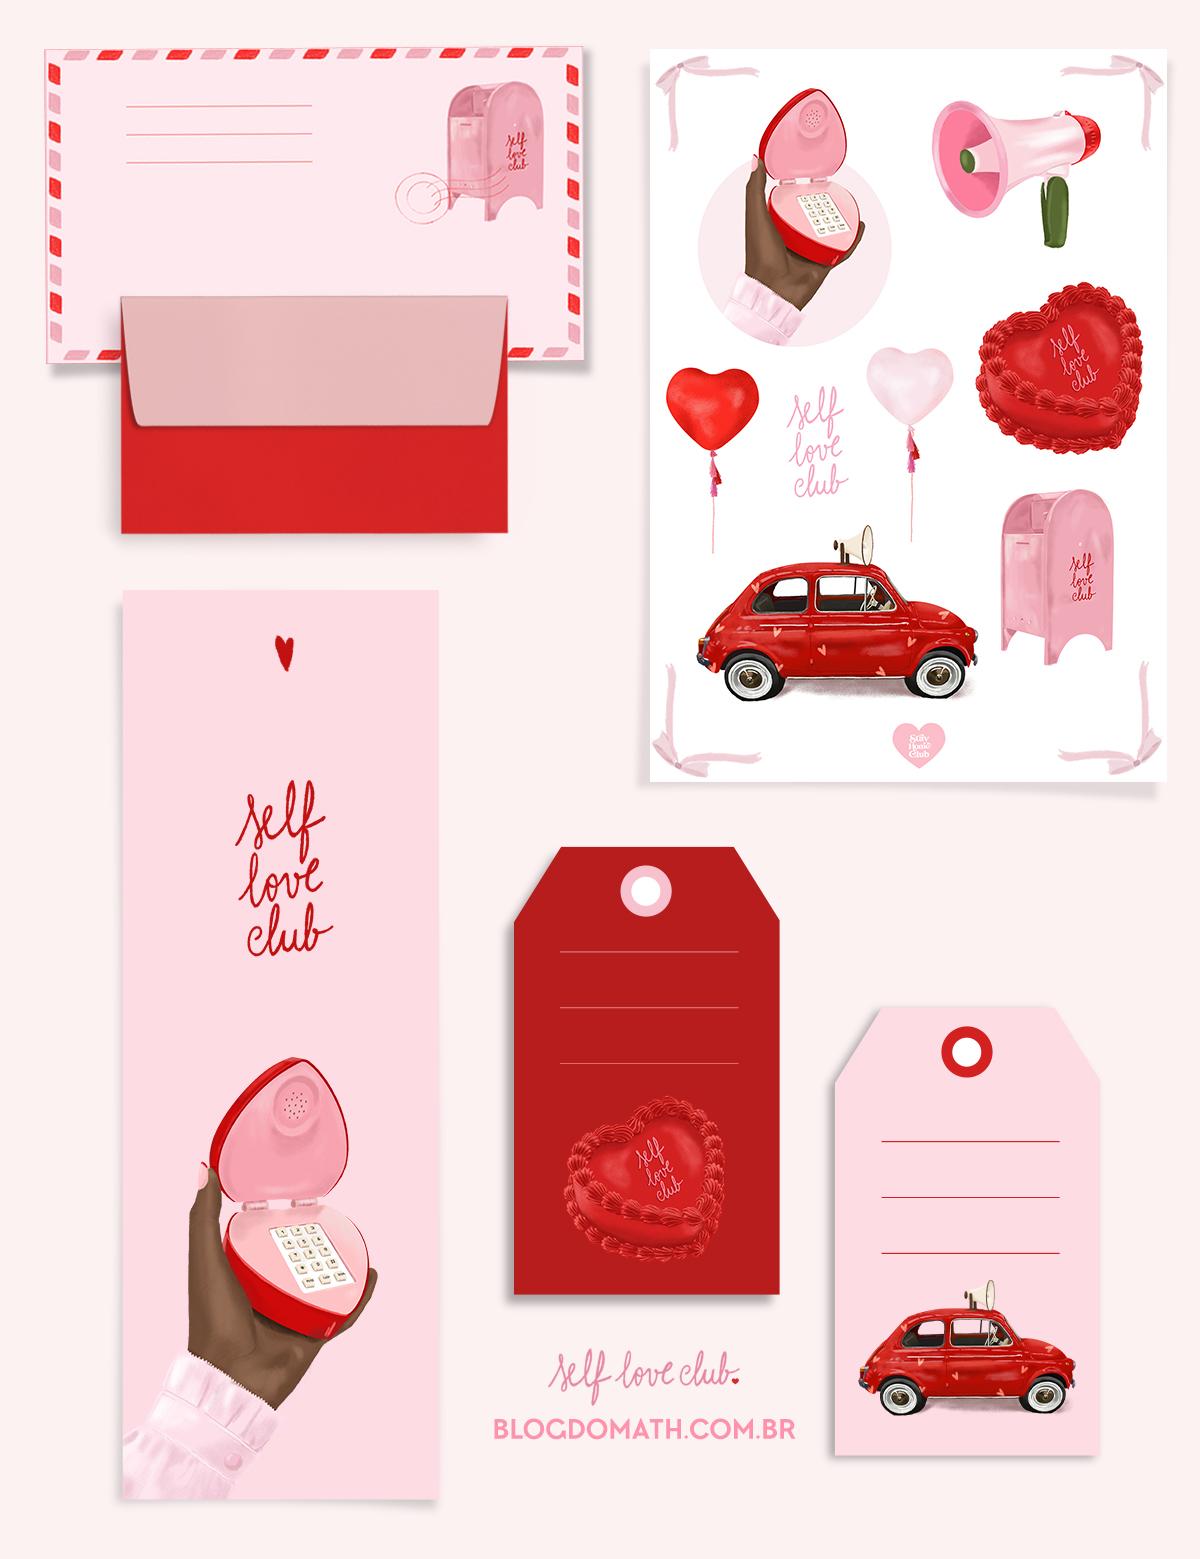 papel de carta de amor vintage decorado dia dos namorados para imprimir - presente dia dos namorados 2020 quarentena - blog do math